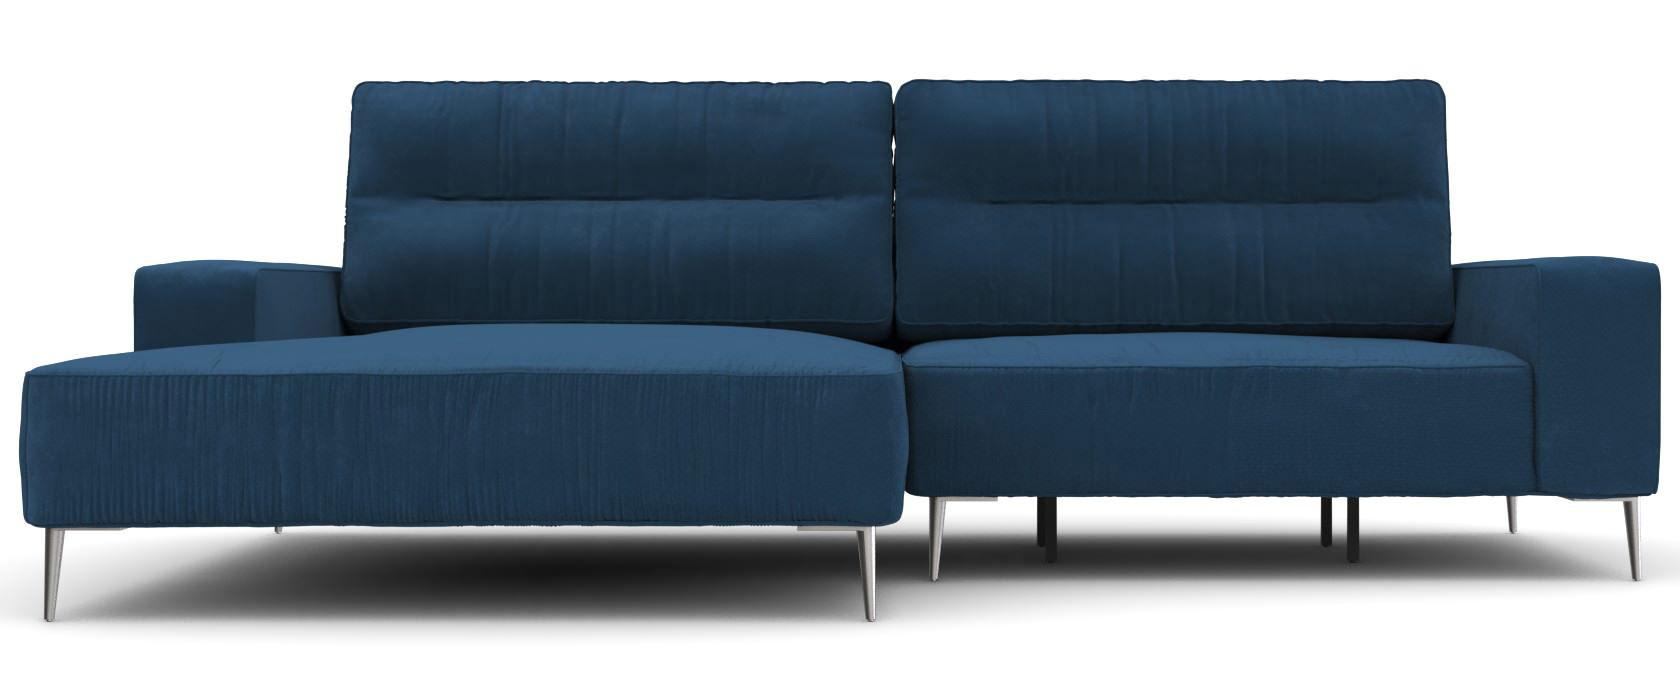 Угловой диван Valentino - Pufetto